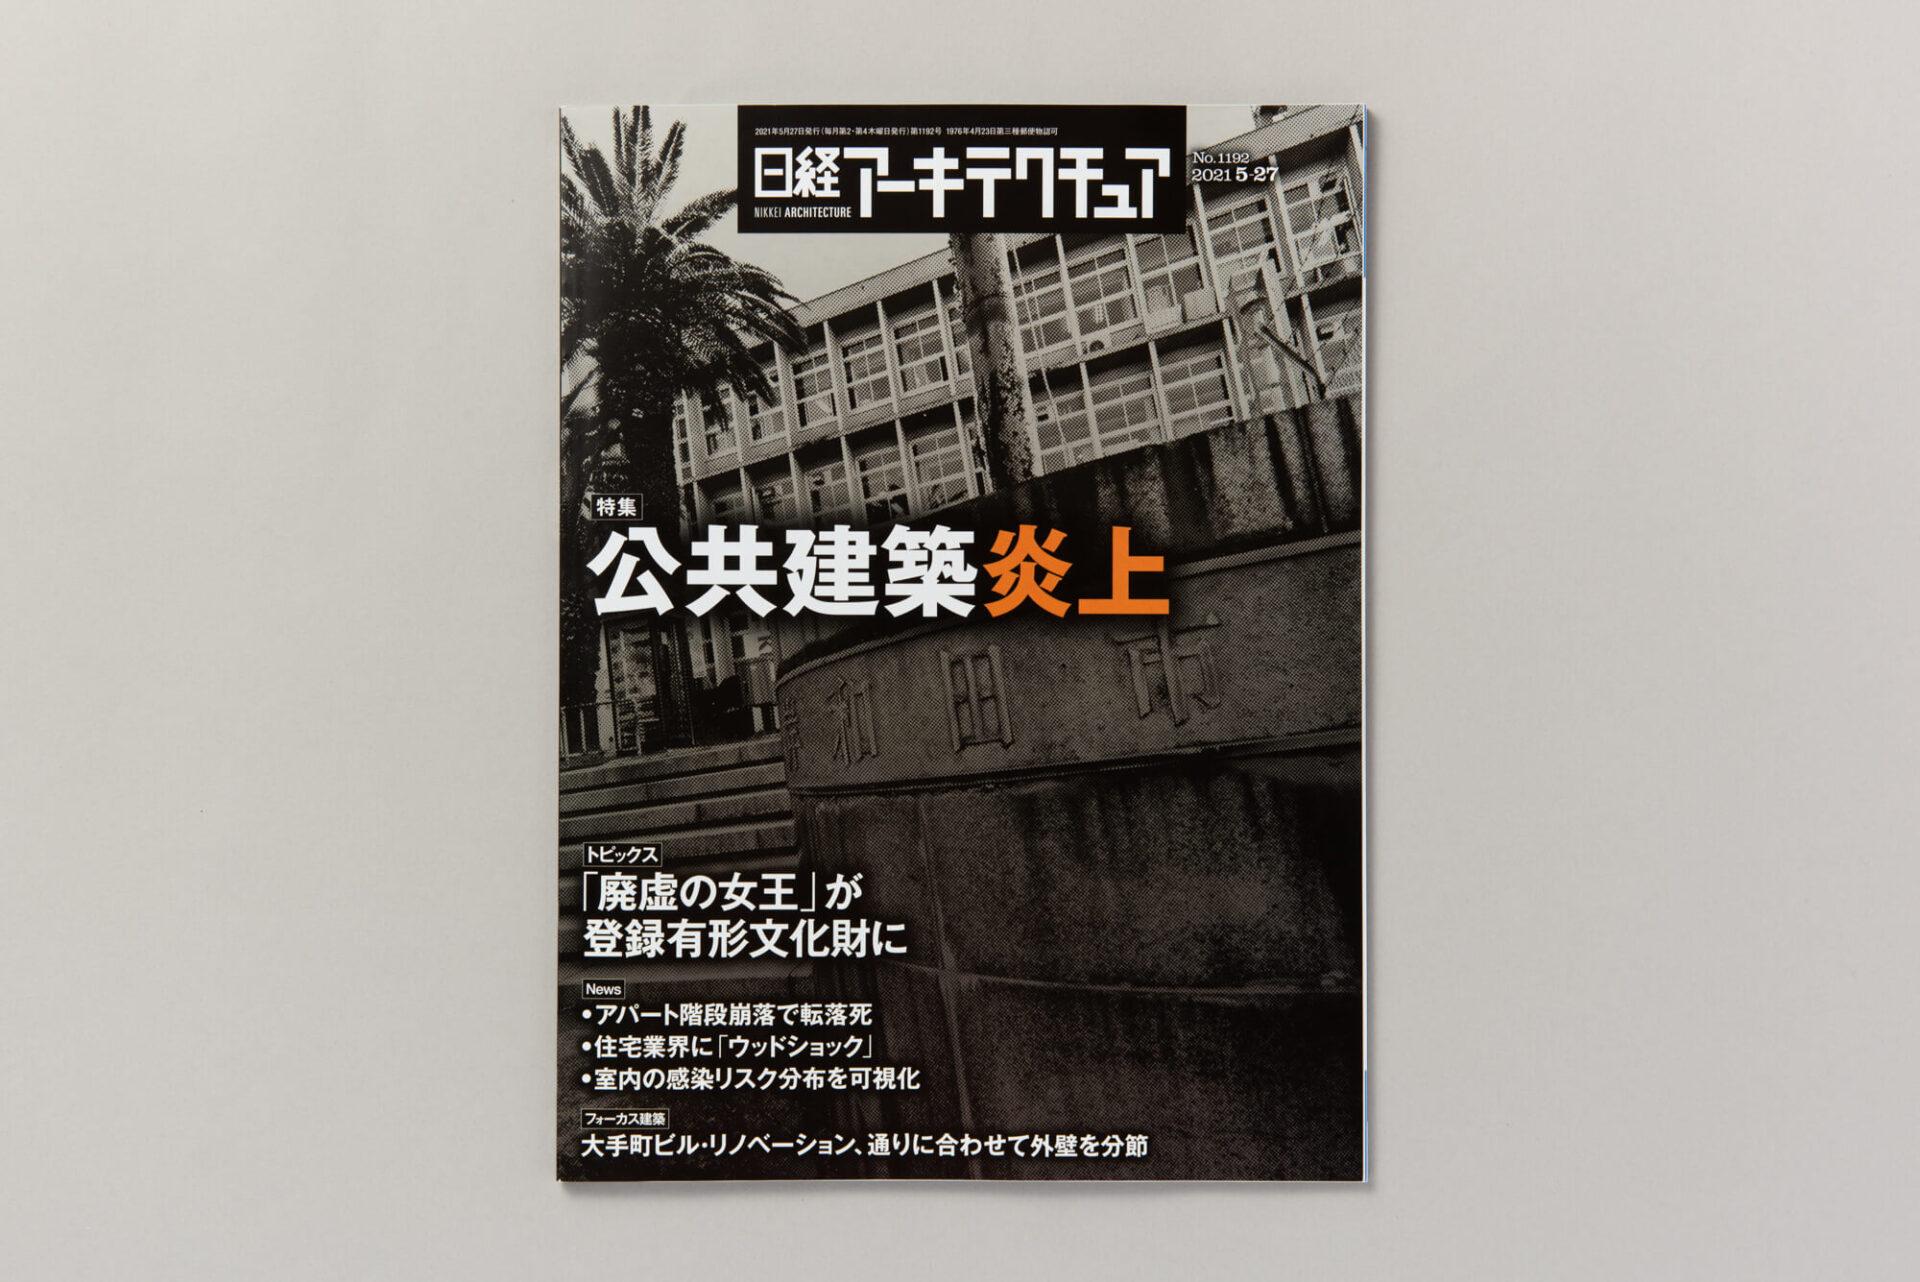 日経アーキテクチュア No.1192